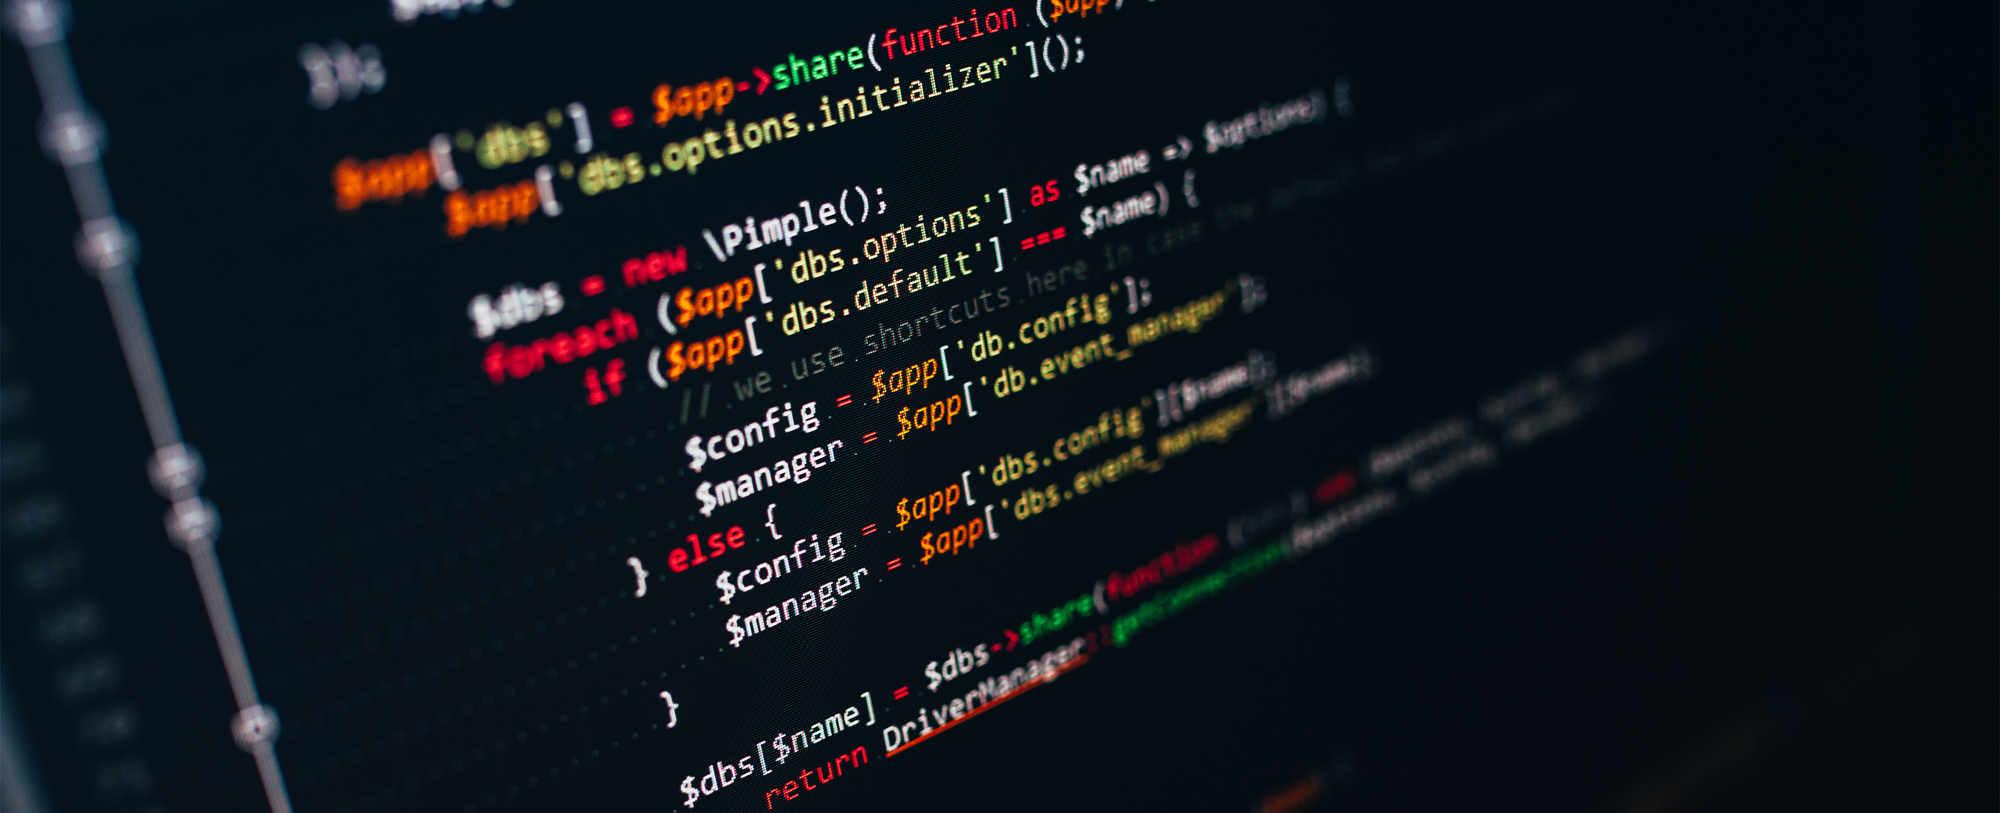 معرفی ابزار آنالیز و بررسی کد ها| code analysis tool